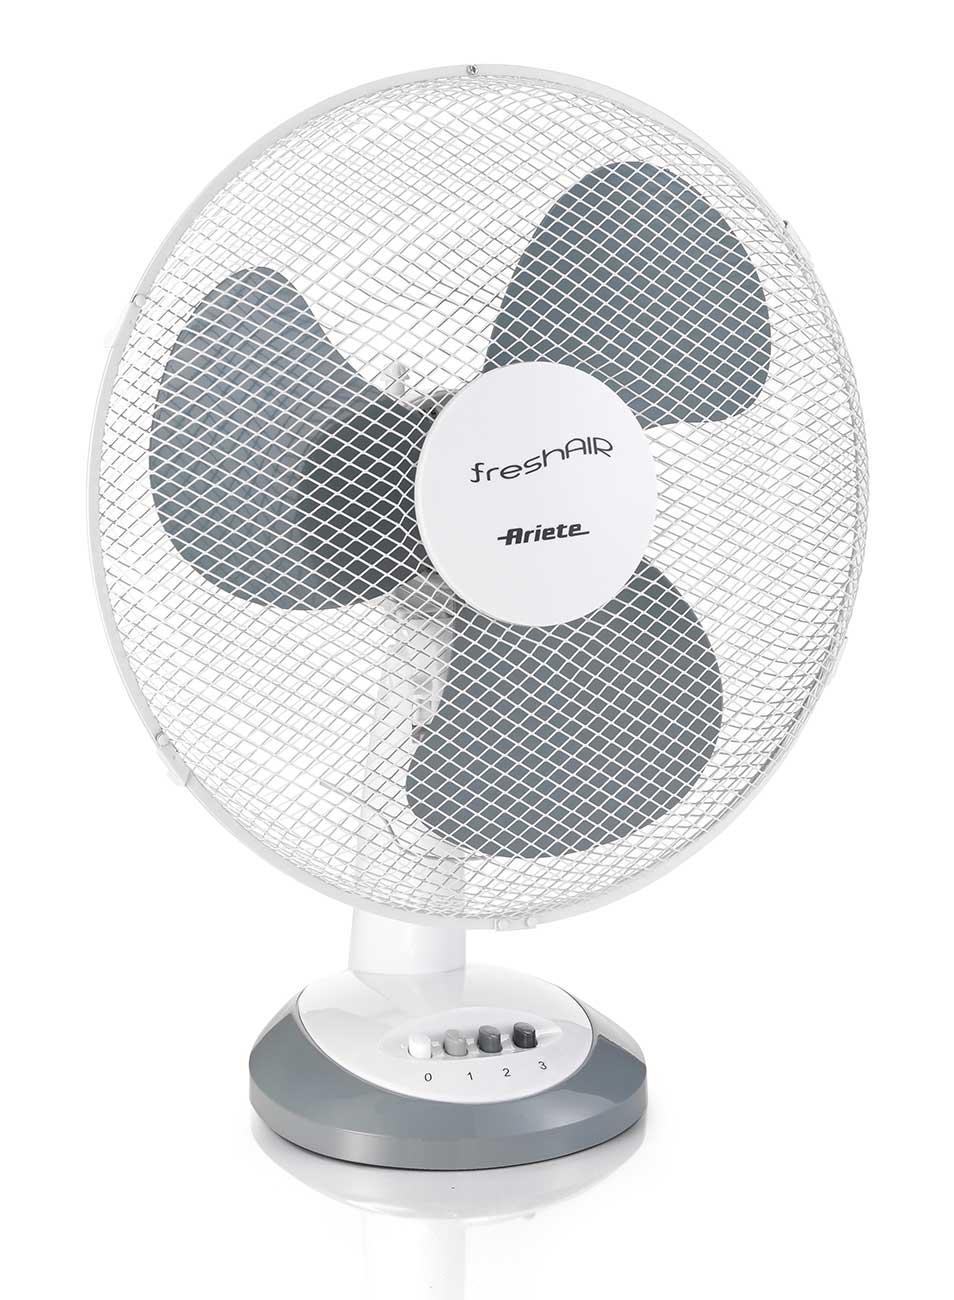 Ventilatore da tavolo freshair ariete - Ventilatore da tavolo usb ...